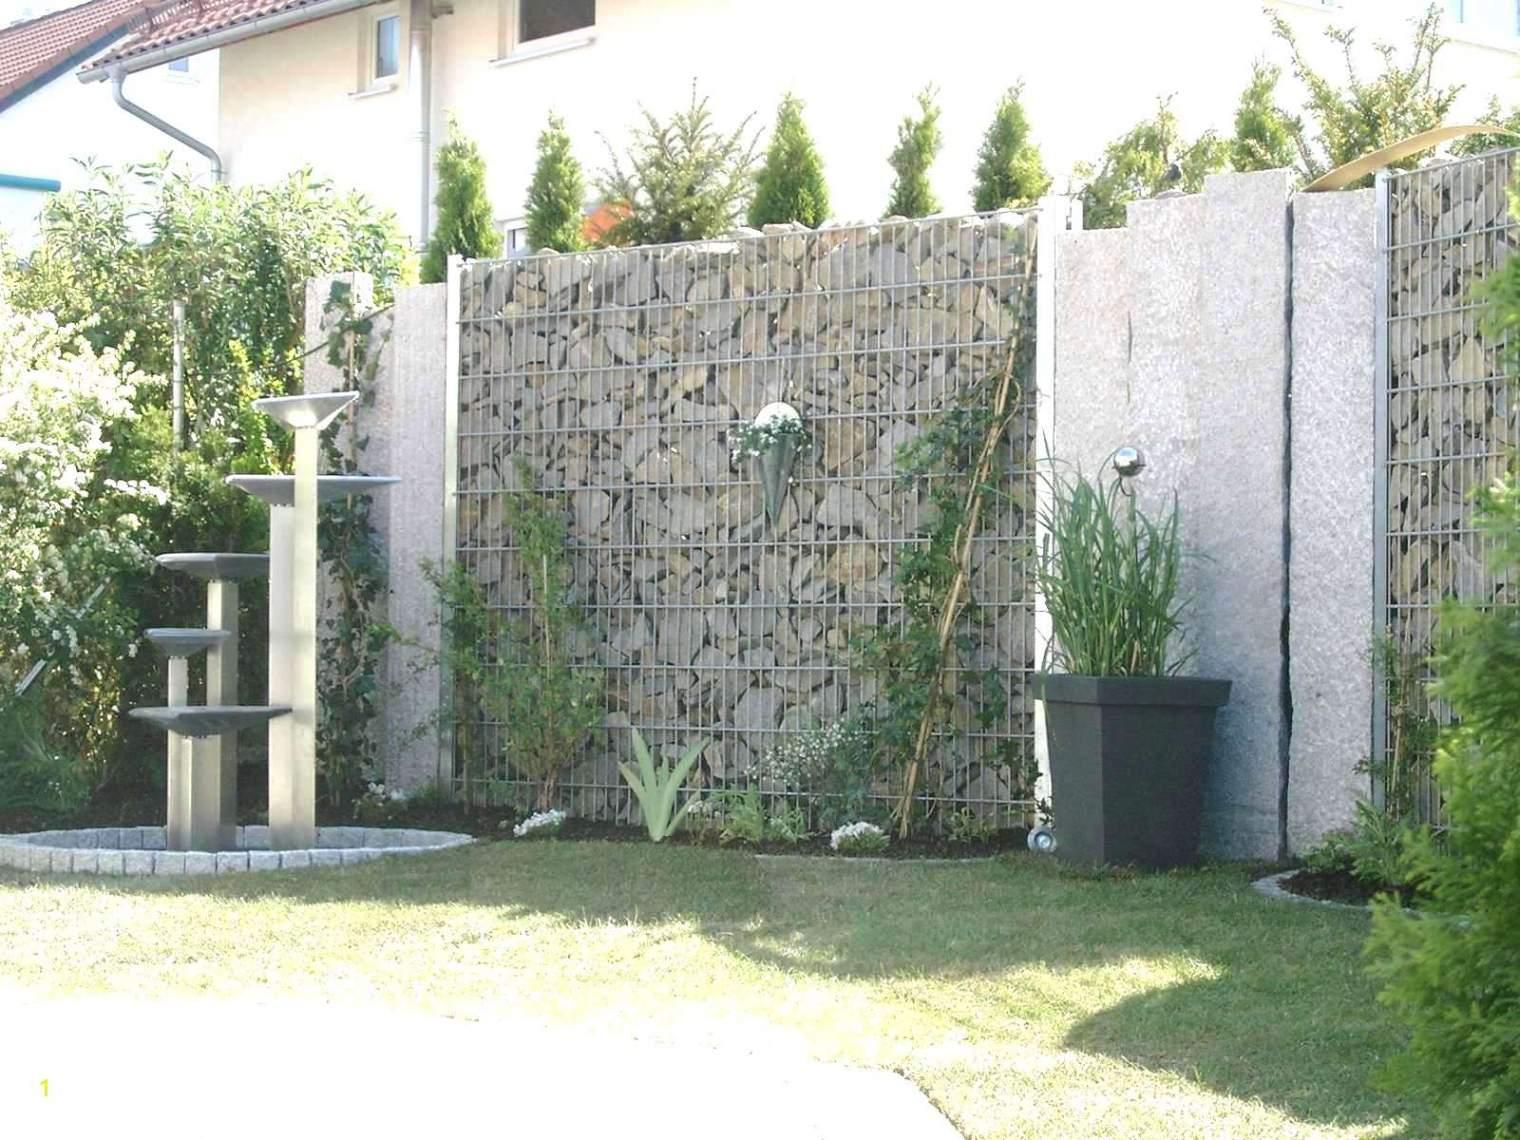 sichtschutz aus pflanzen neu inspirierend terrasse sichtschutz sichtschutz terrasse pflanzen sichtschutz terrasse pflanzen